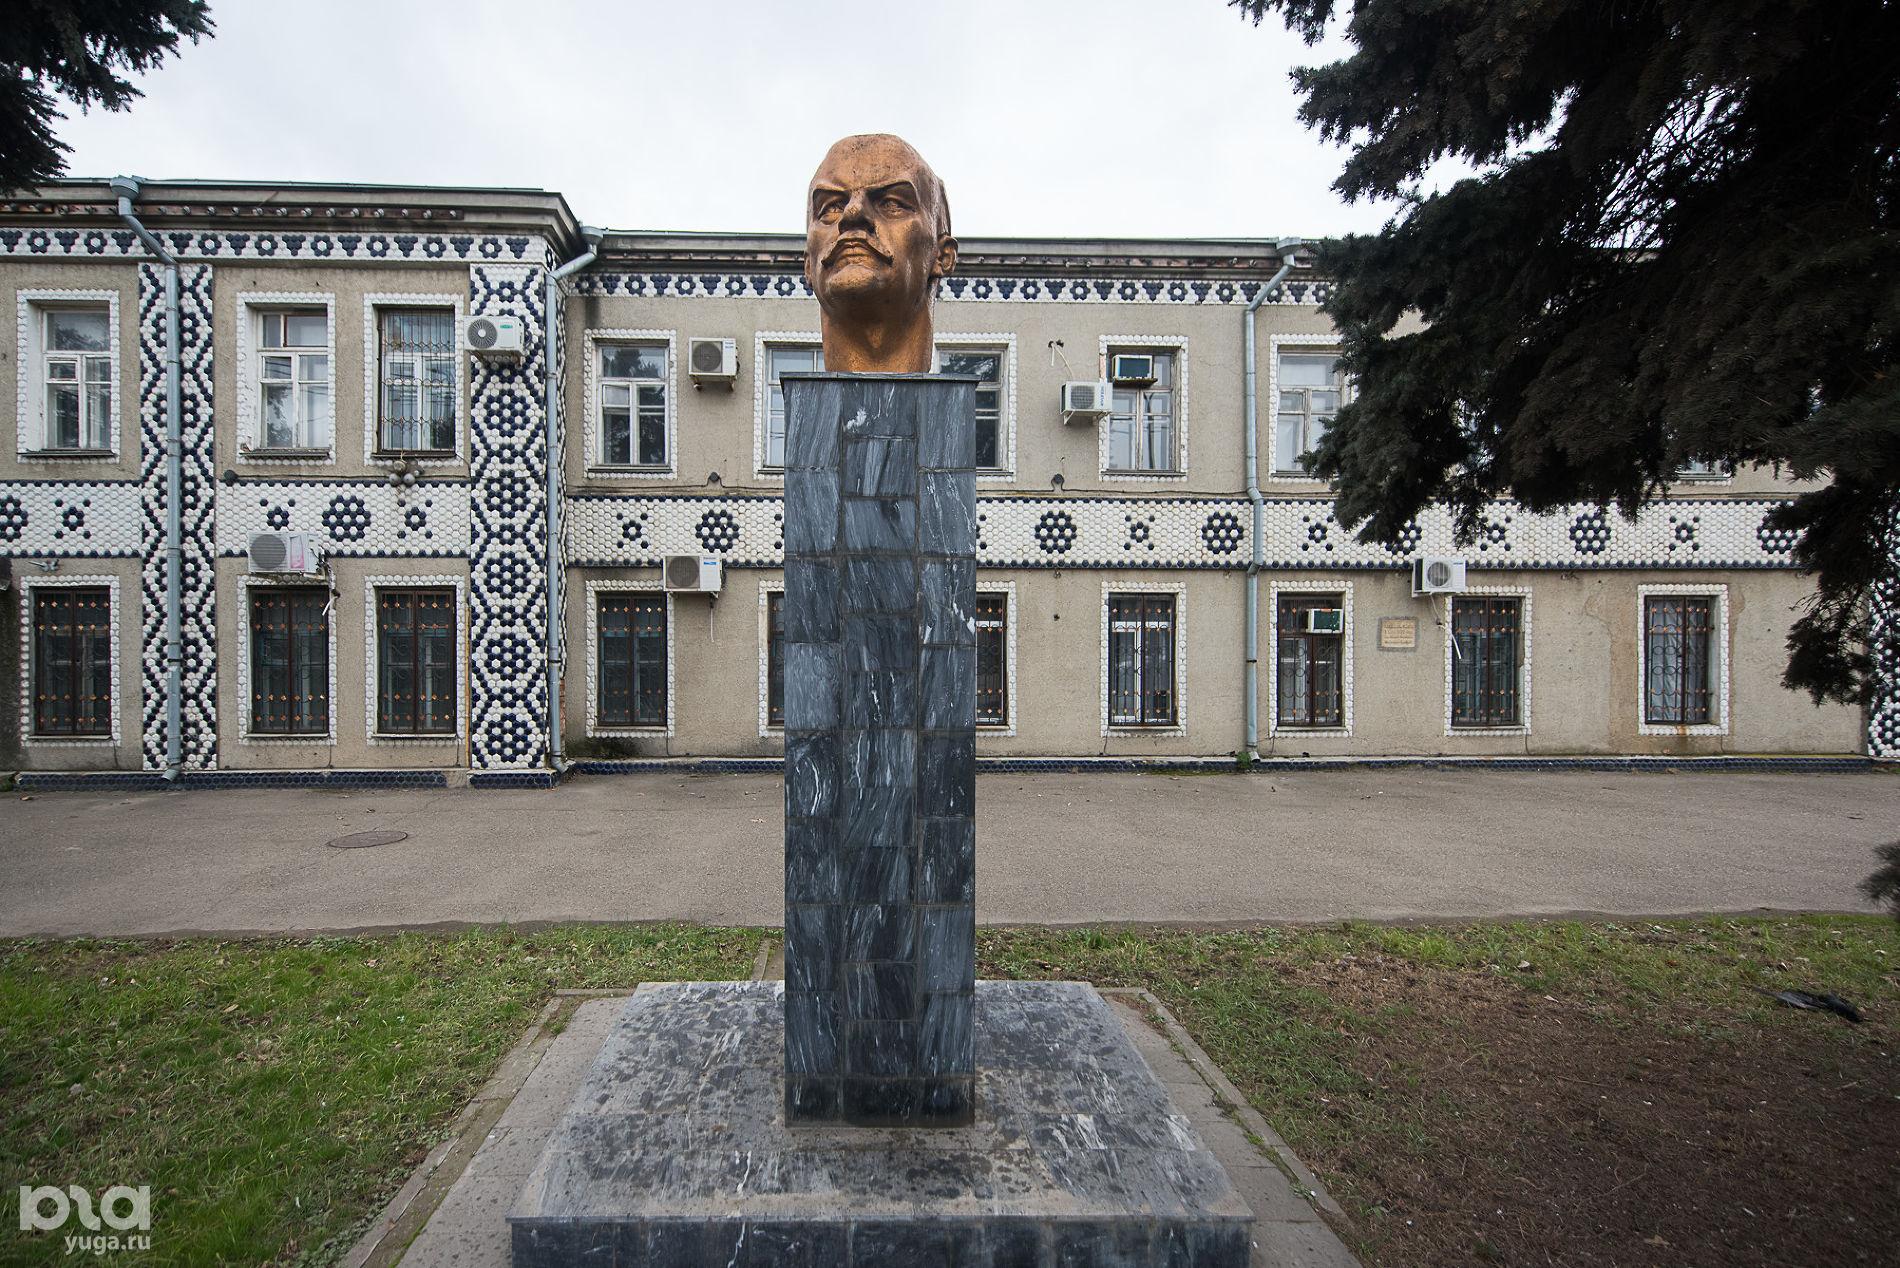 Бюст Ленина перед зданием фарфоро-фаянсового завода «Чайка» ©Фото Елены Синеок, Юга.ру